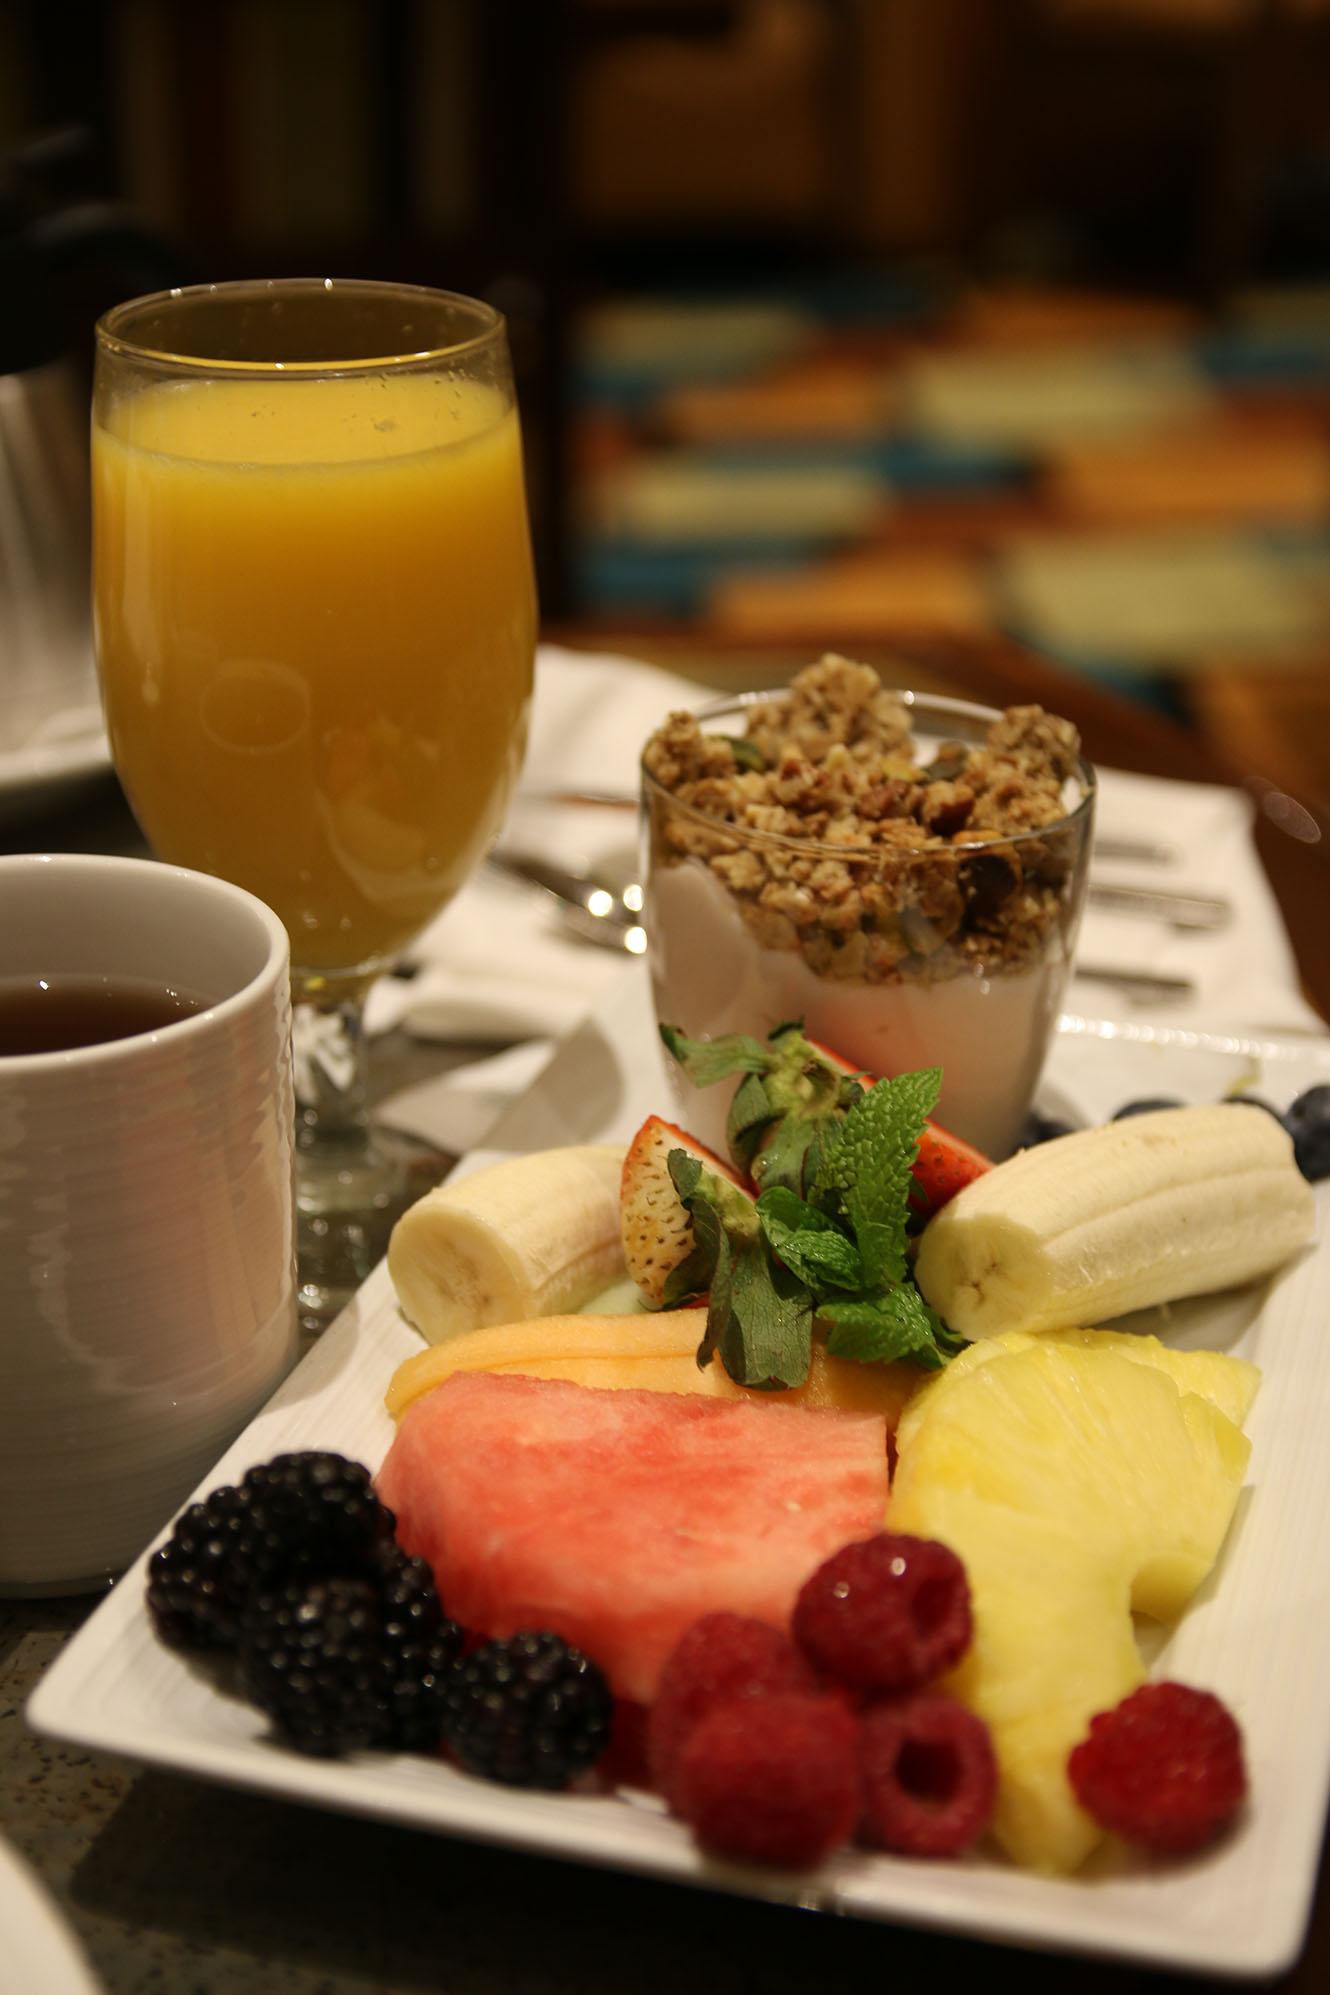 IMG_2095 las vegas mgm frukost x